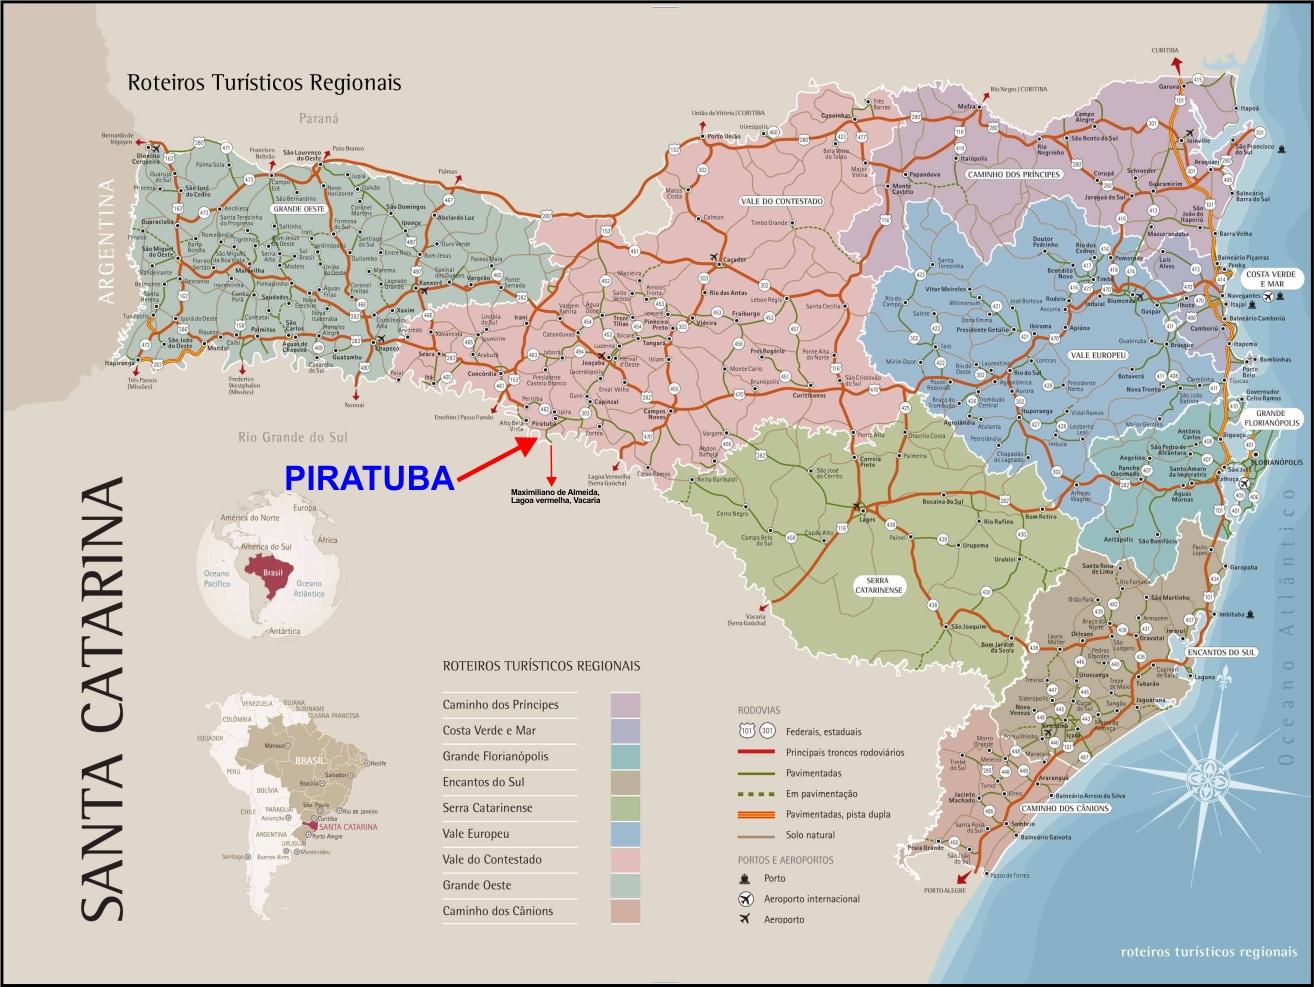 mapa-piratuba-santa-catarina.jpg